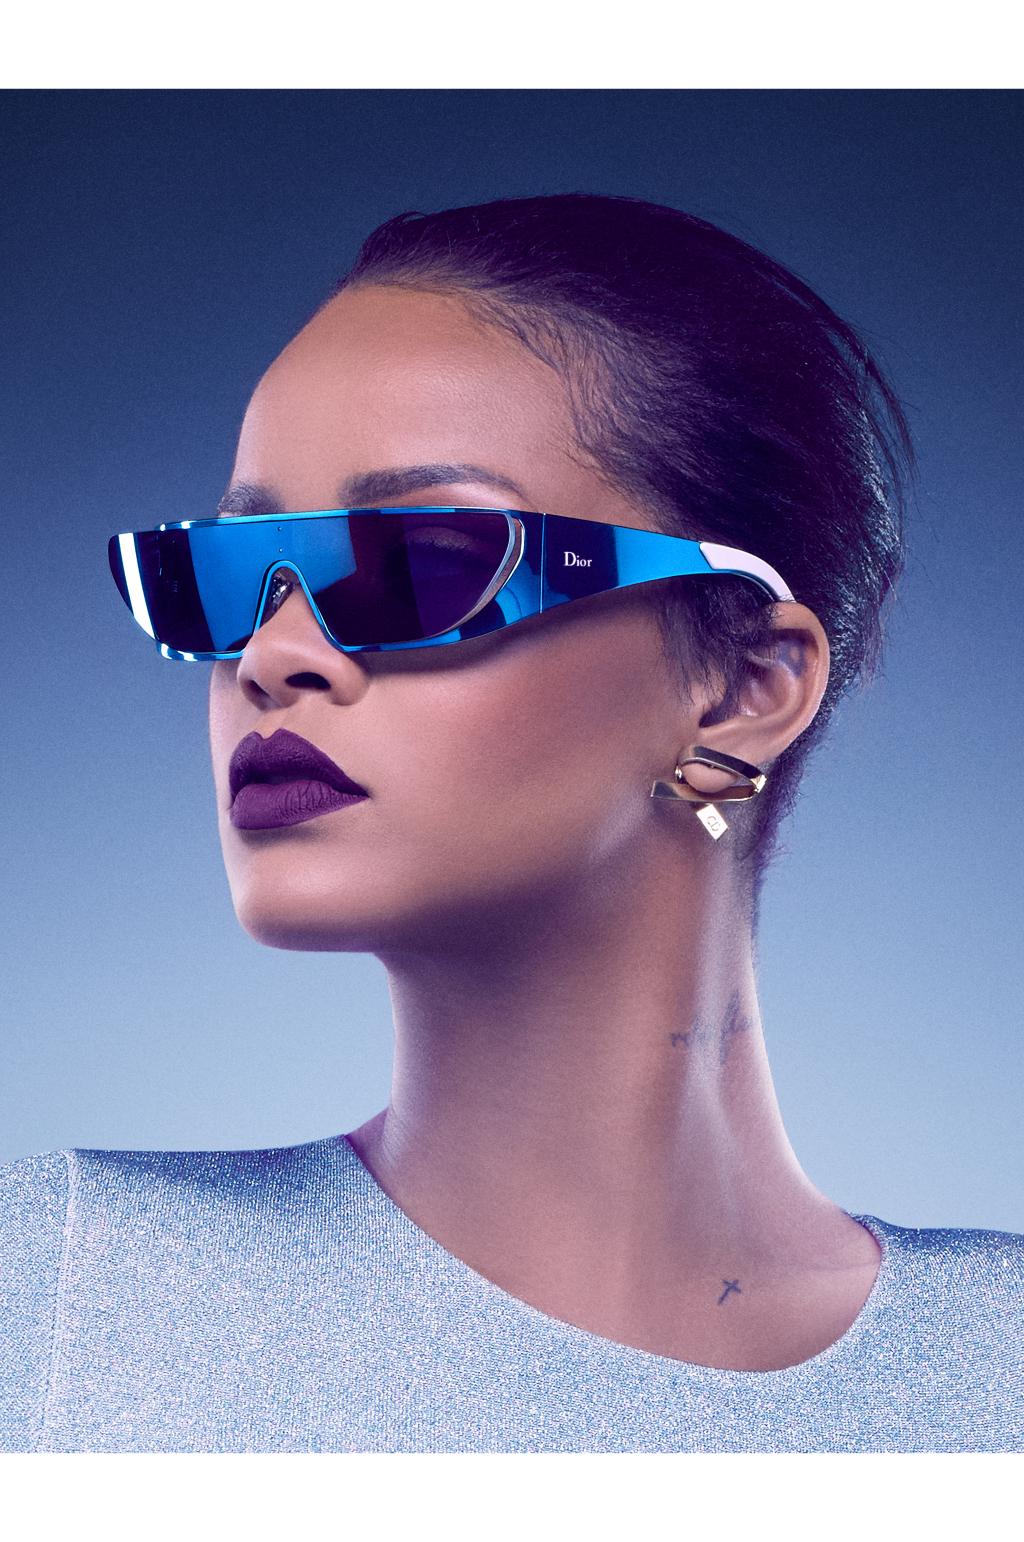 На фото: новая удивительная коллекция очков Rihanna - сотрудничество Rihanna и Dior в этом году.